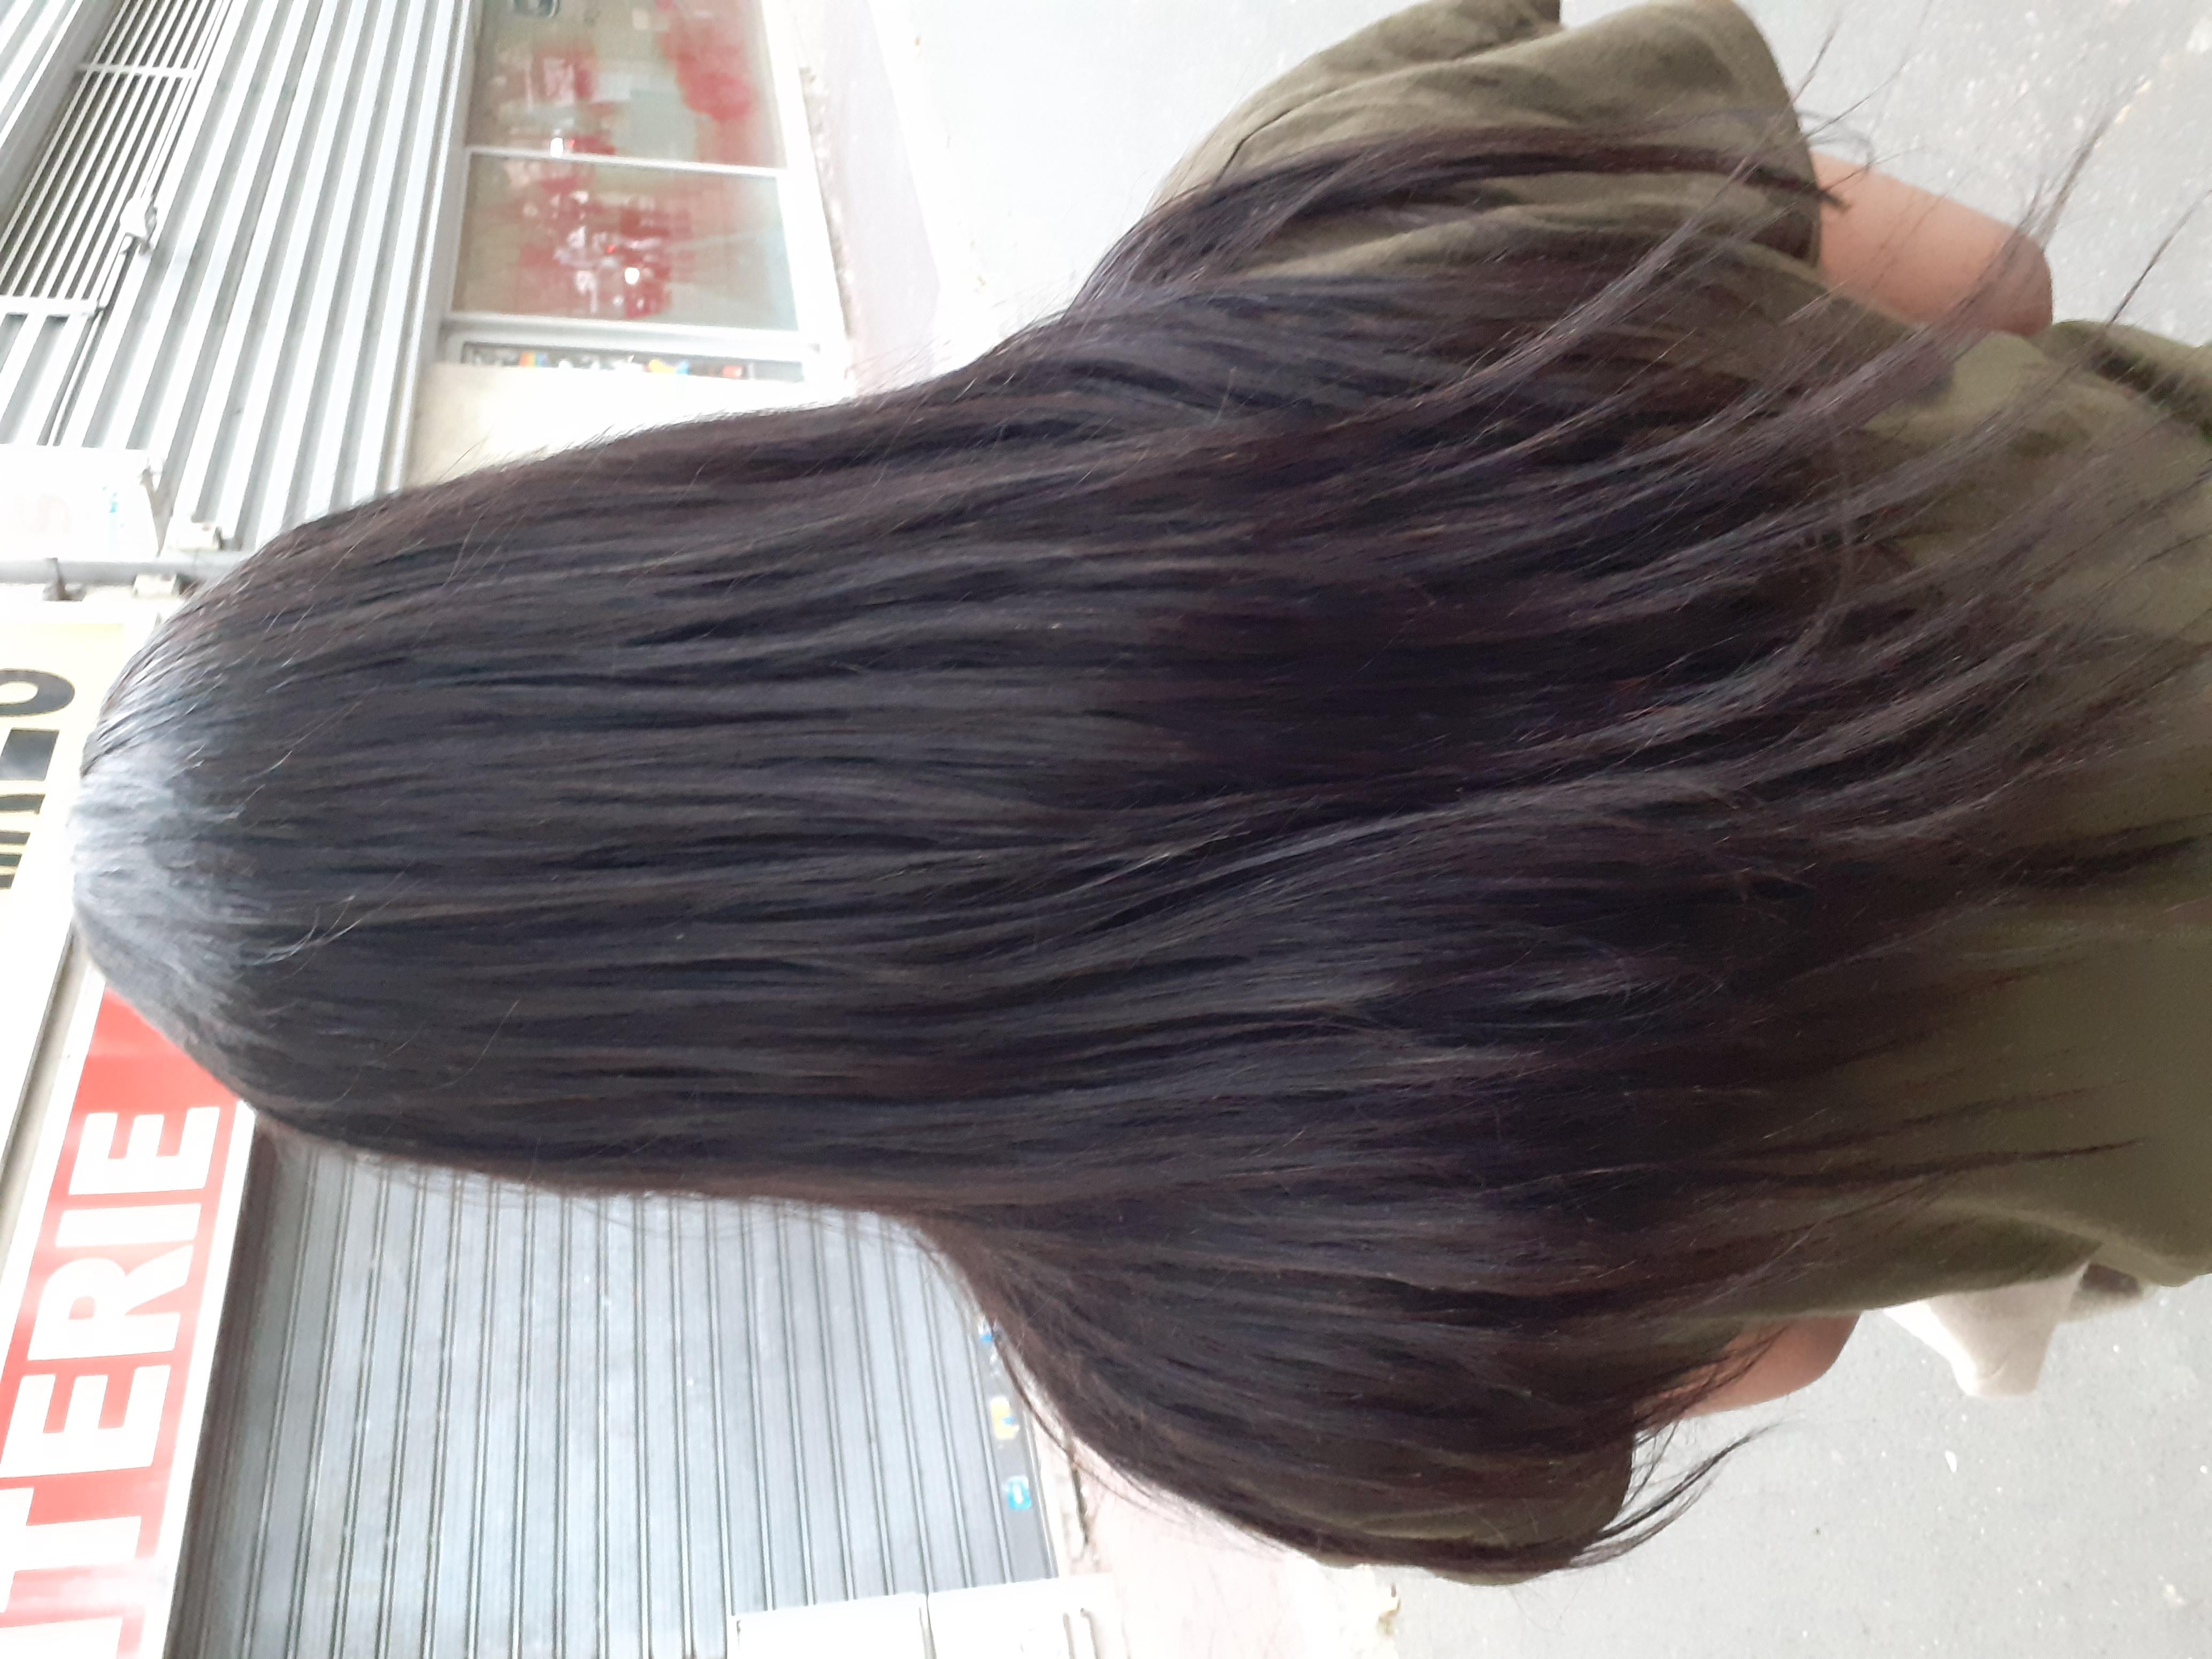 salon de coiffure afro tresse tresses box braids crochet braids vanilles tissages paris 75 77 78 91 92 93 94 95 YDUXEWYF